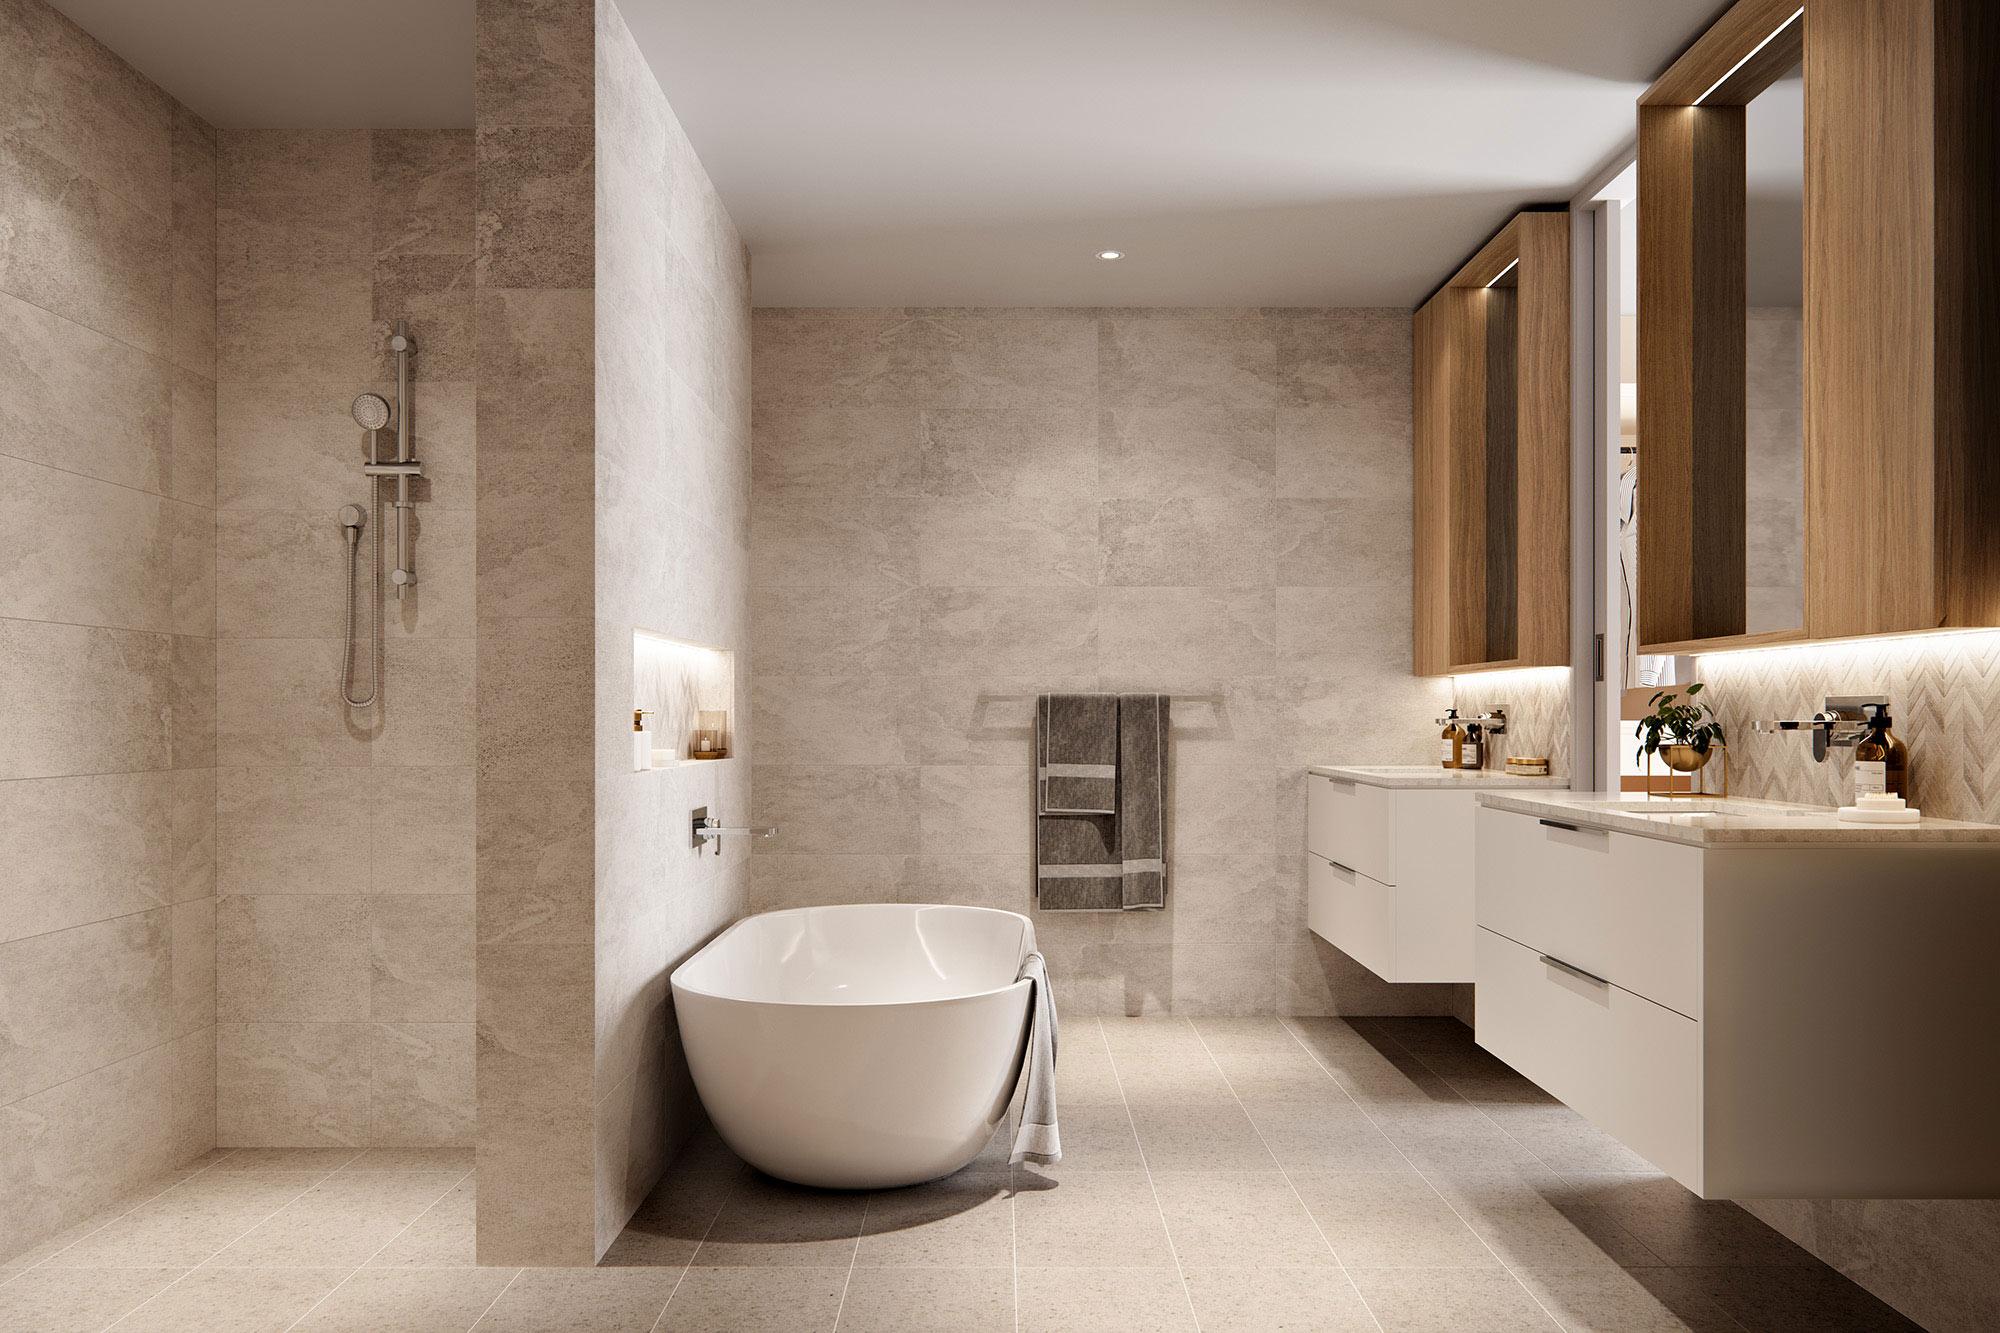 bathroom-render-1.jpg